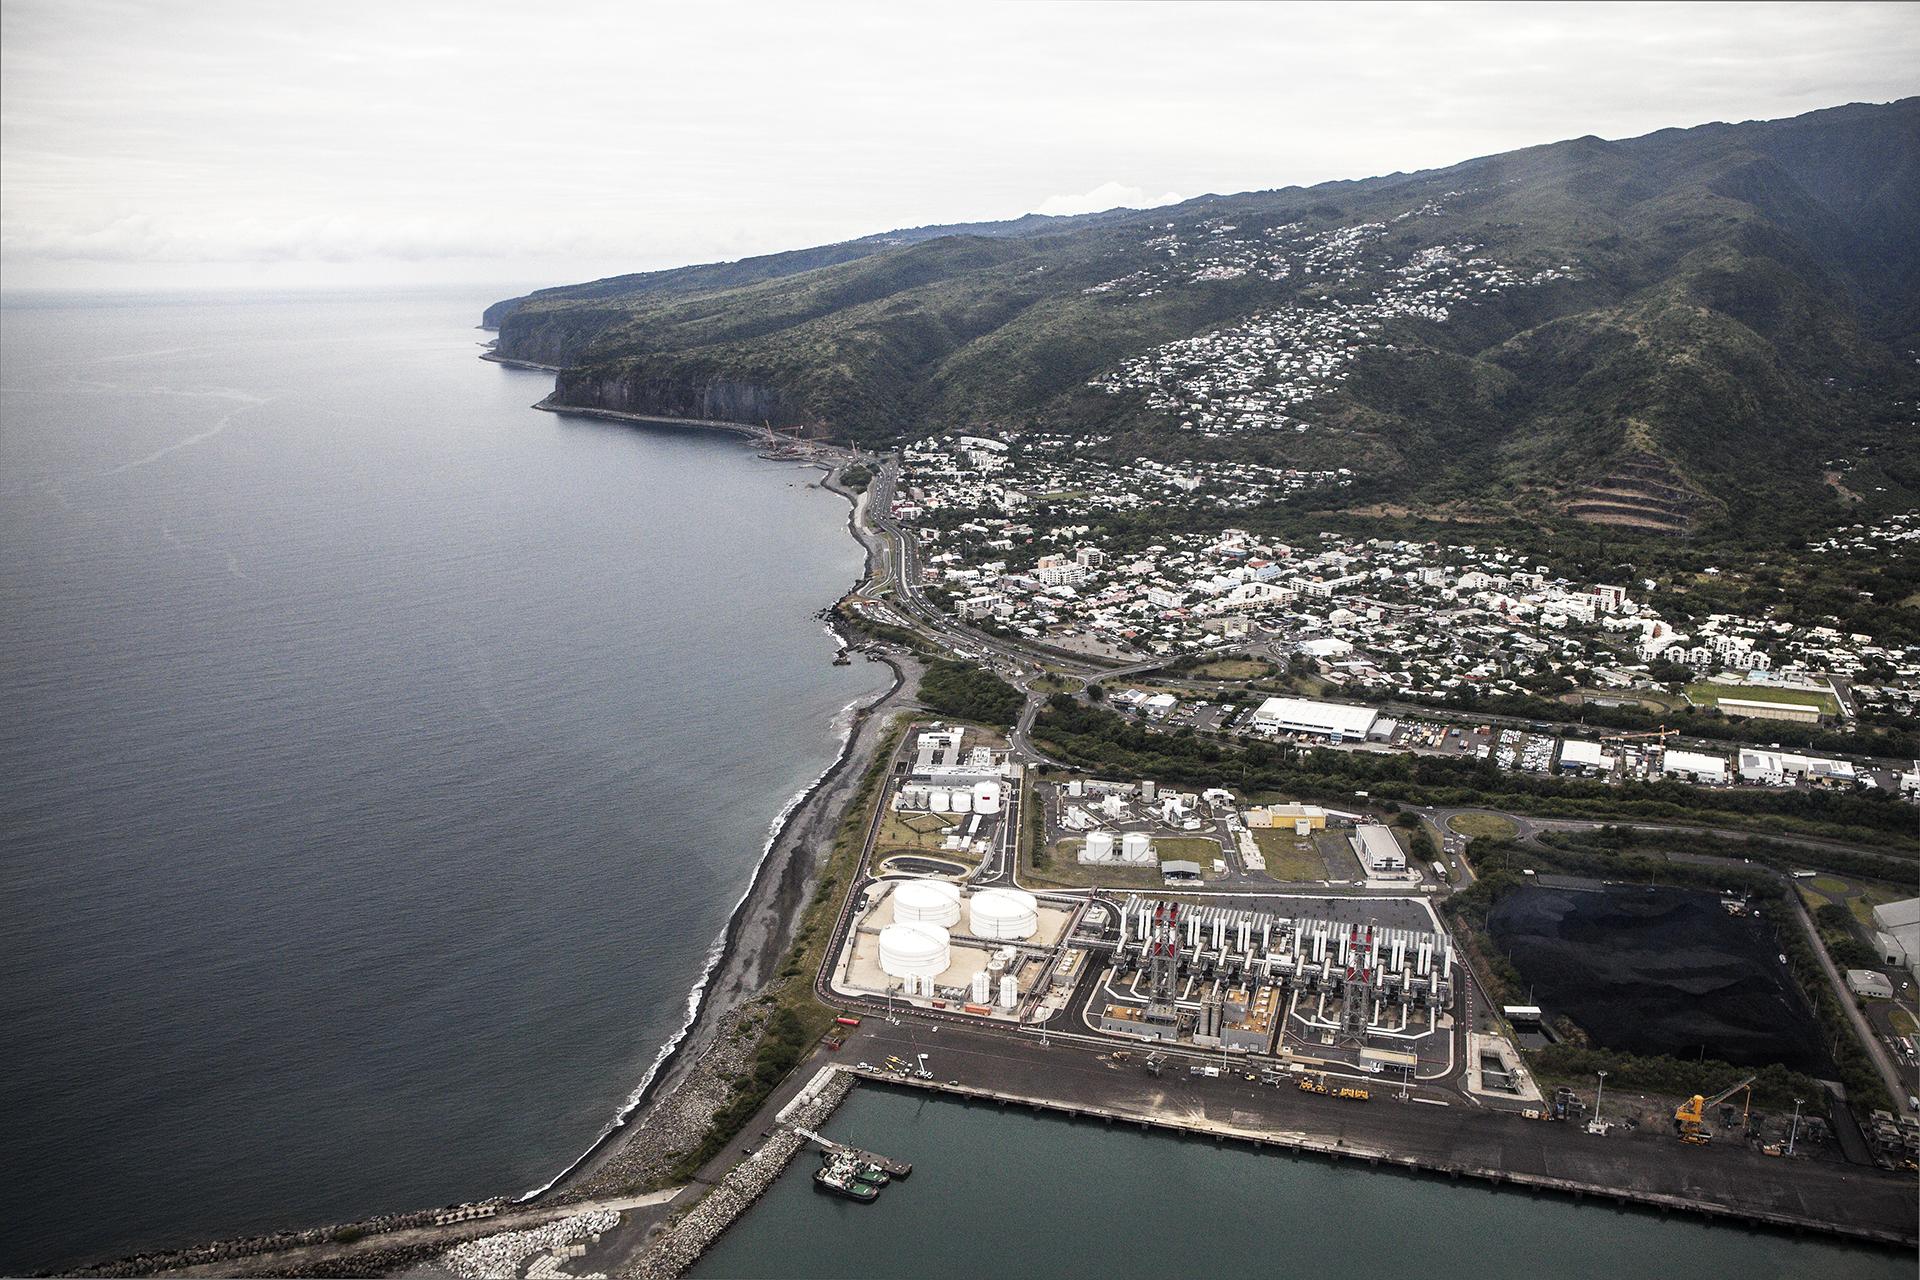 Vue aérienne de la nouvelle centrale thermique d'EDF (500 millions d'euros) de la ille du Port, en soutien aux énergies intermittentes (solaire et éolien). Juillet 2015, Le Port, Ile de la Réunion.